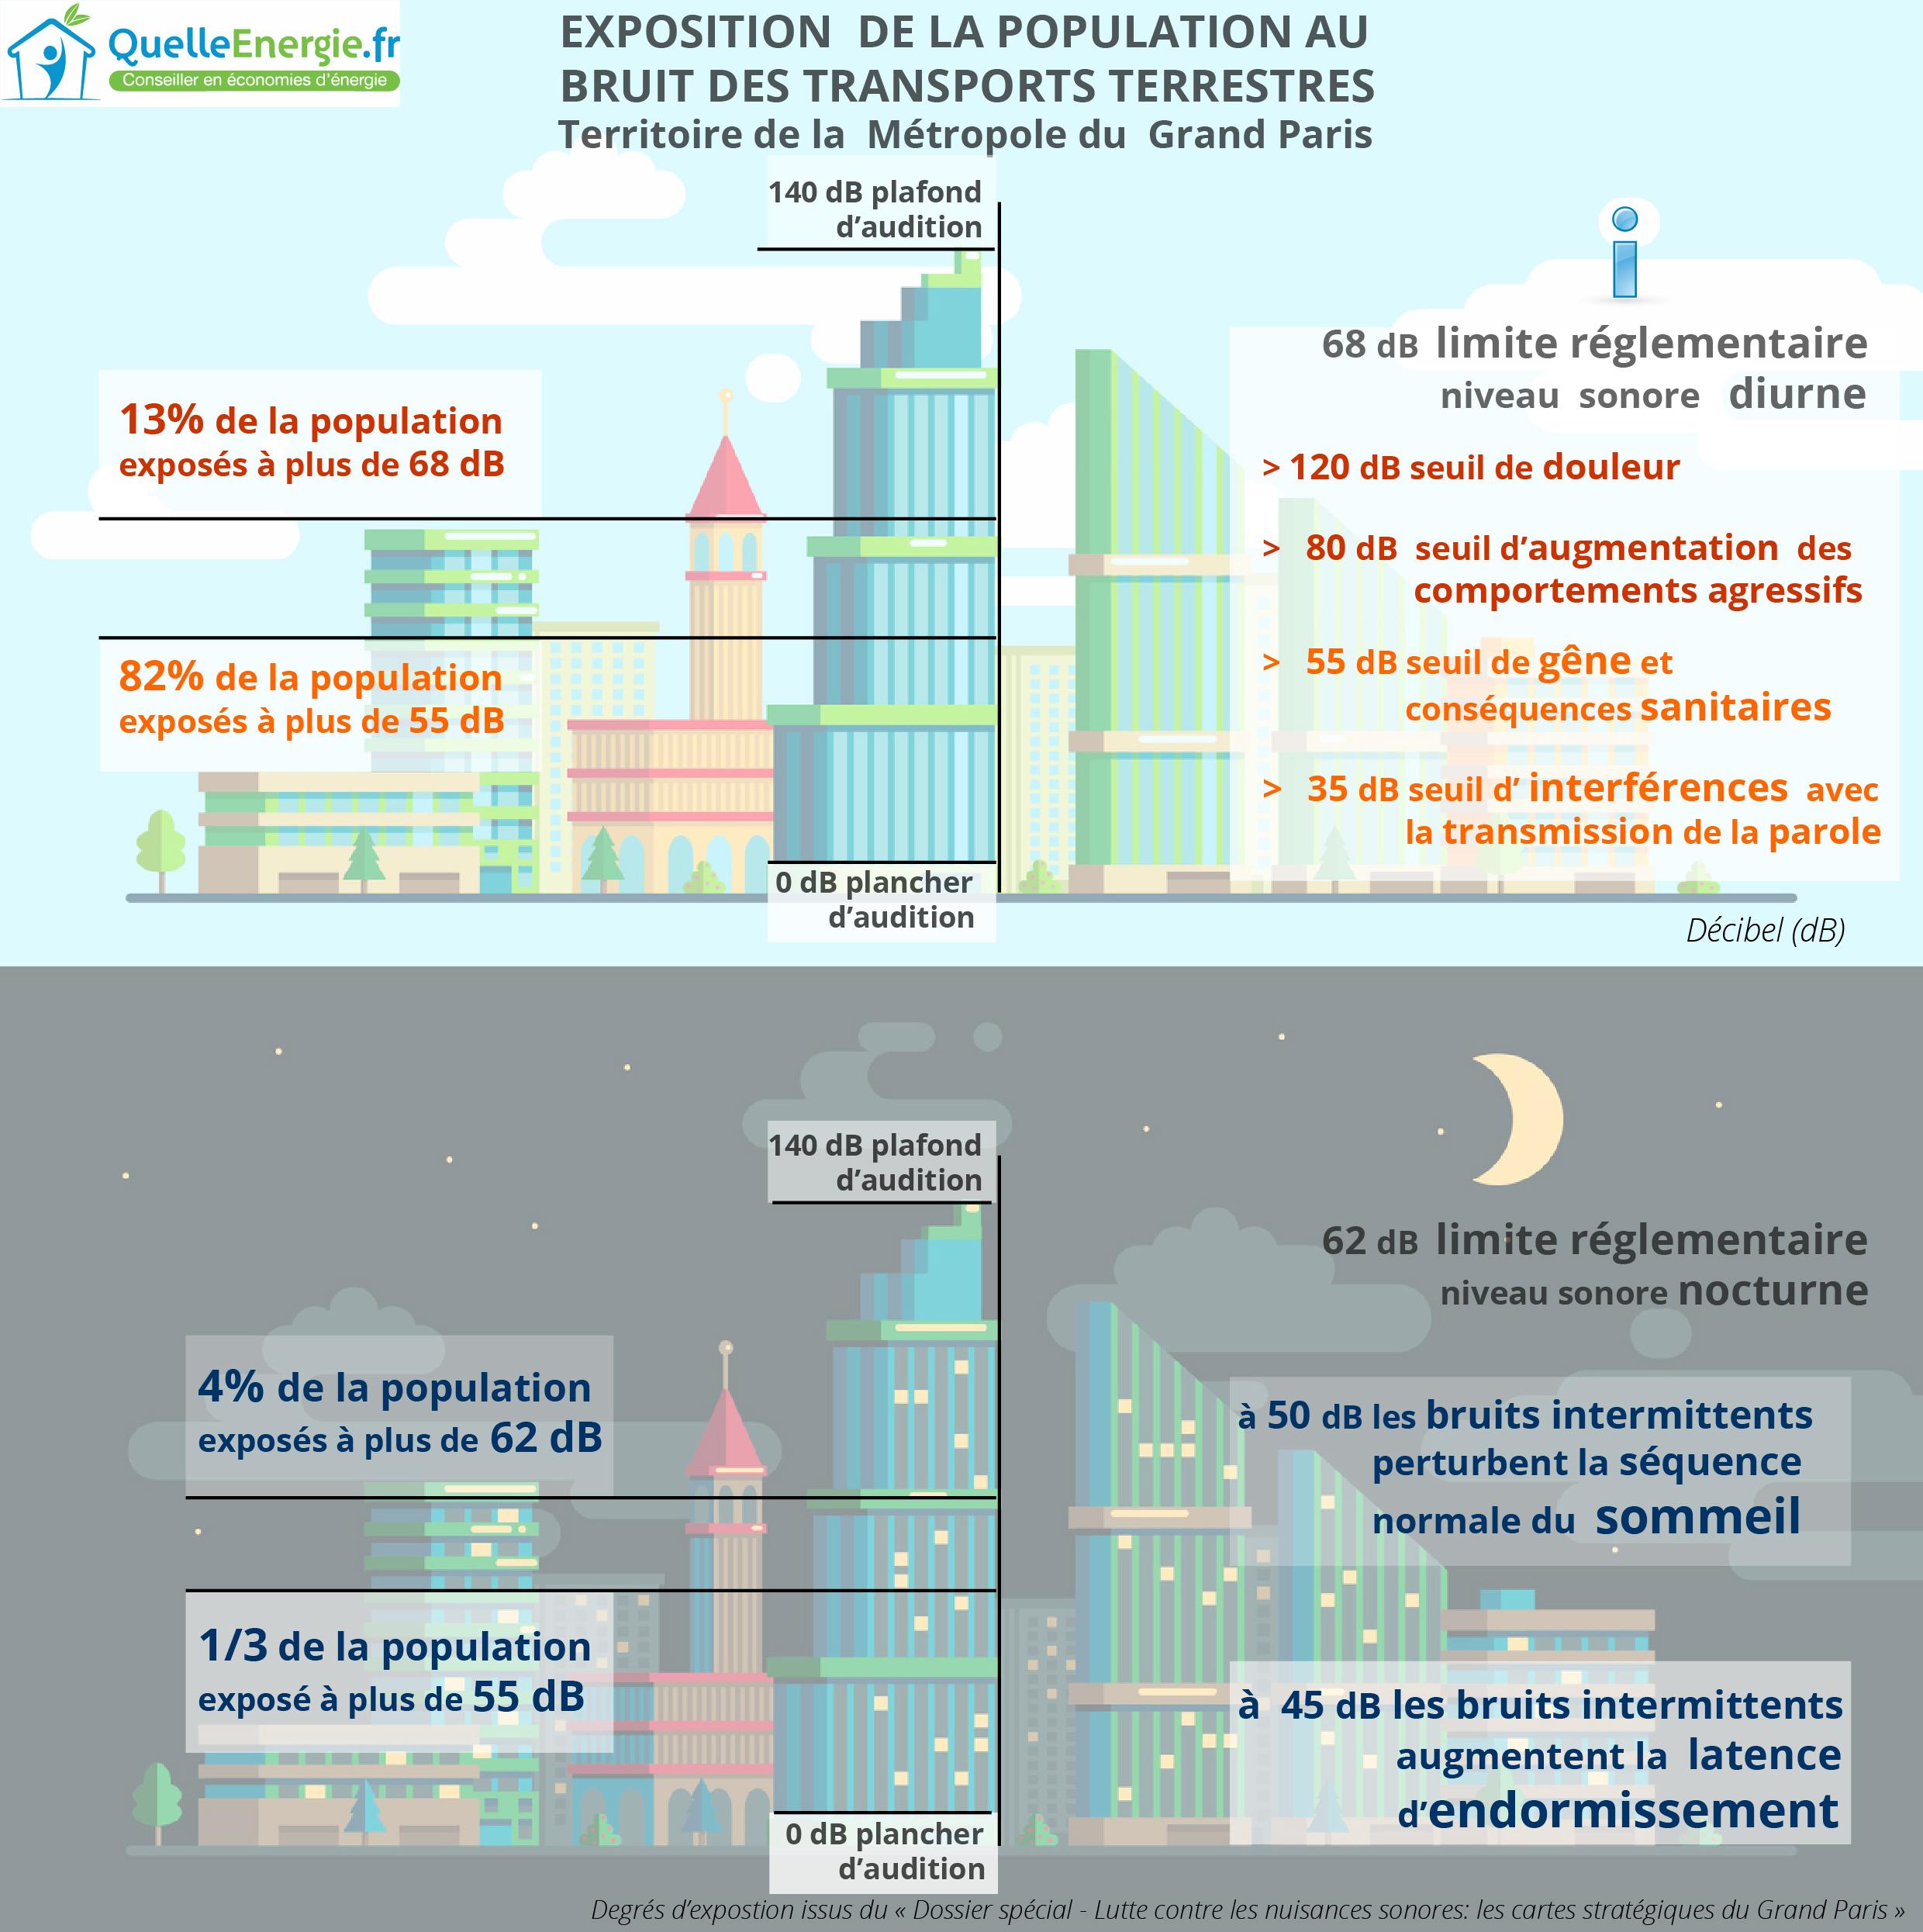 Infographie : exposition au bruit des transports routiers dans la Métropole du Grand Paris